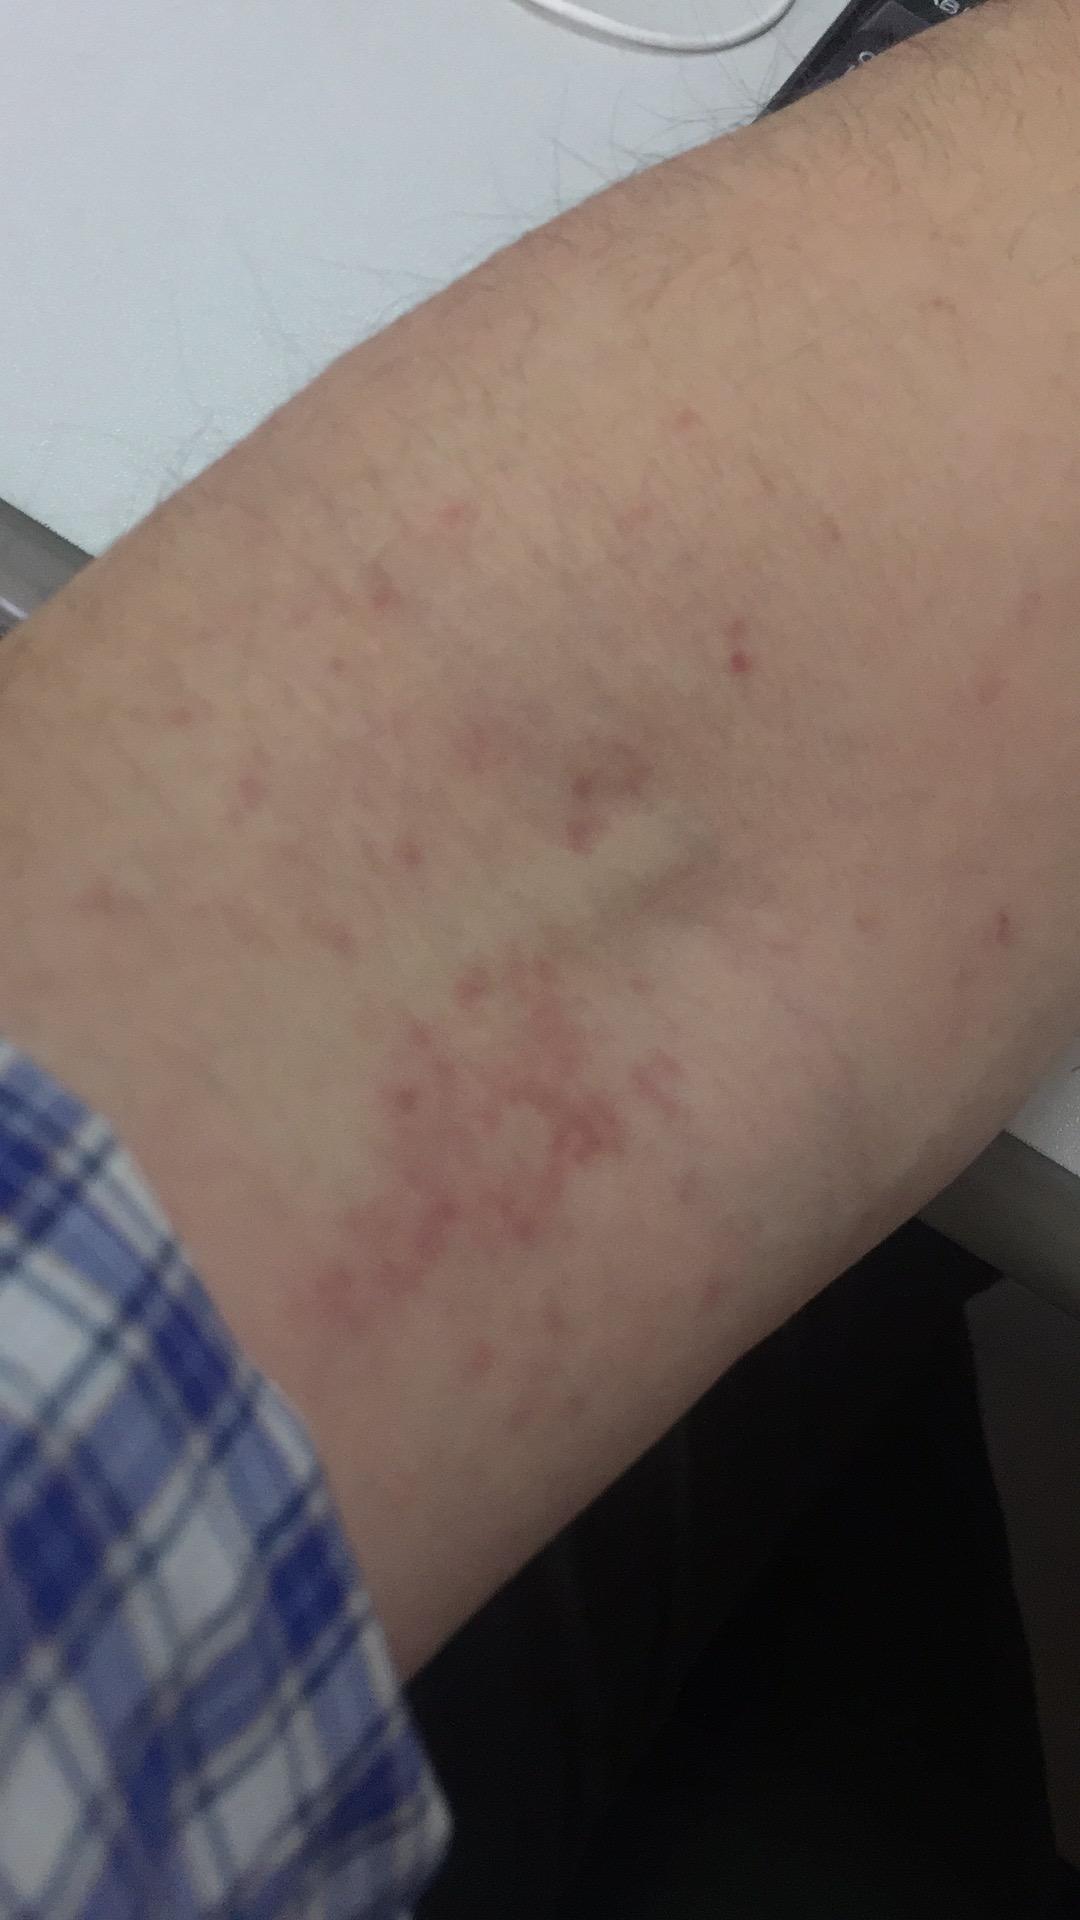 前幾天發燒,驗血打過點滴,今天手背上開始出現紅點點,驗血扎針